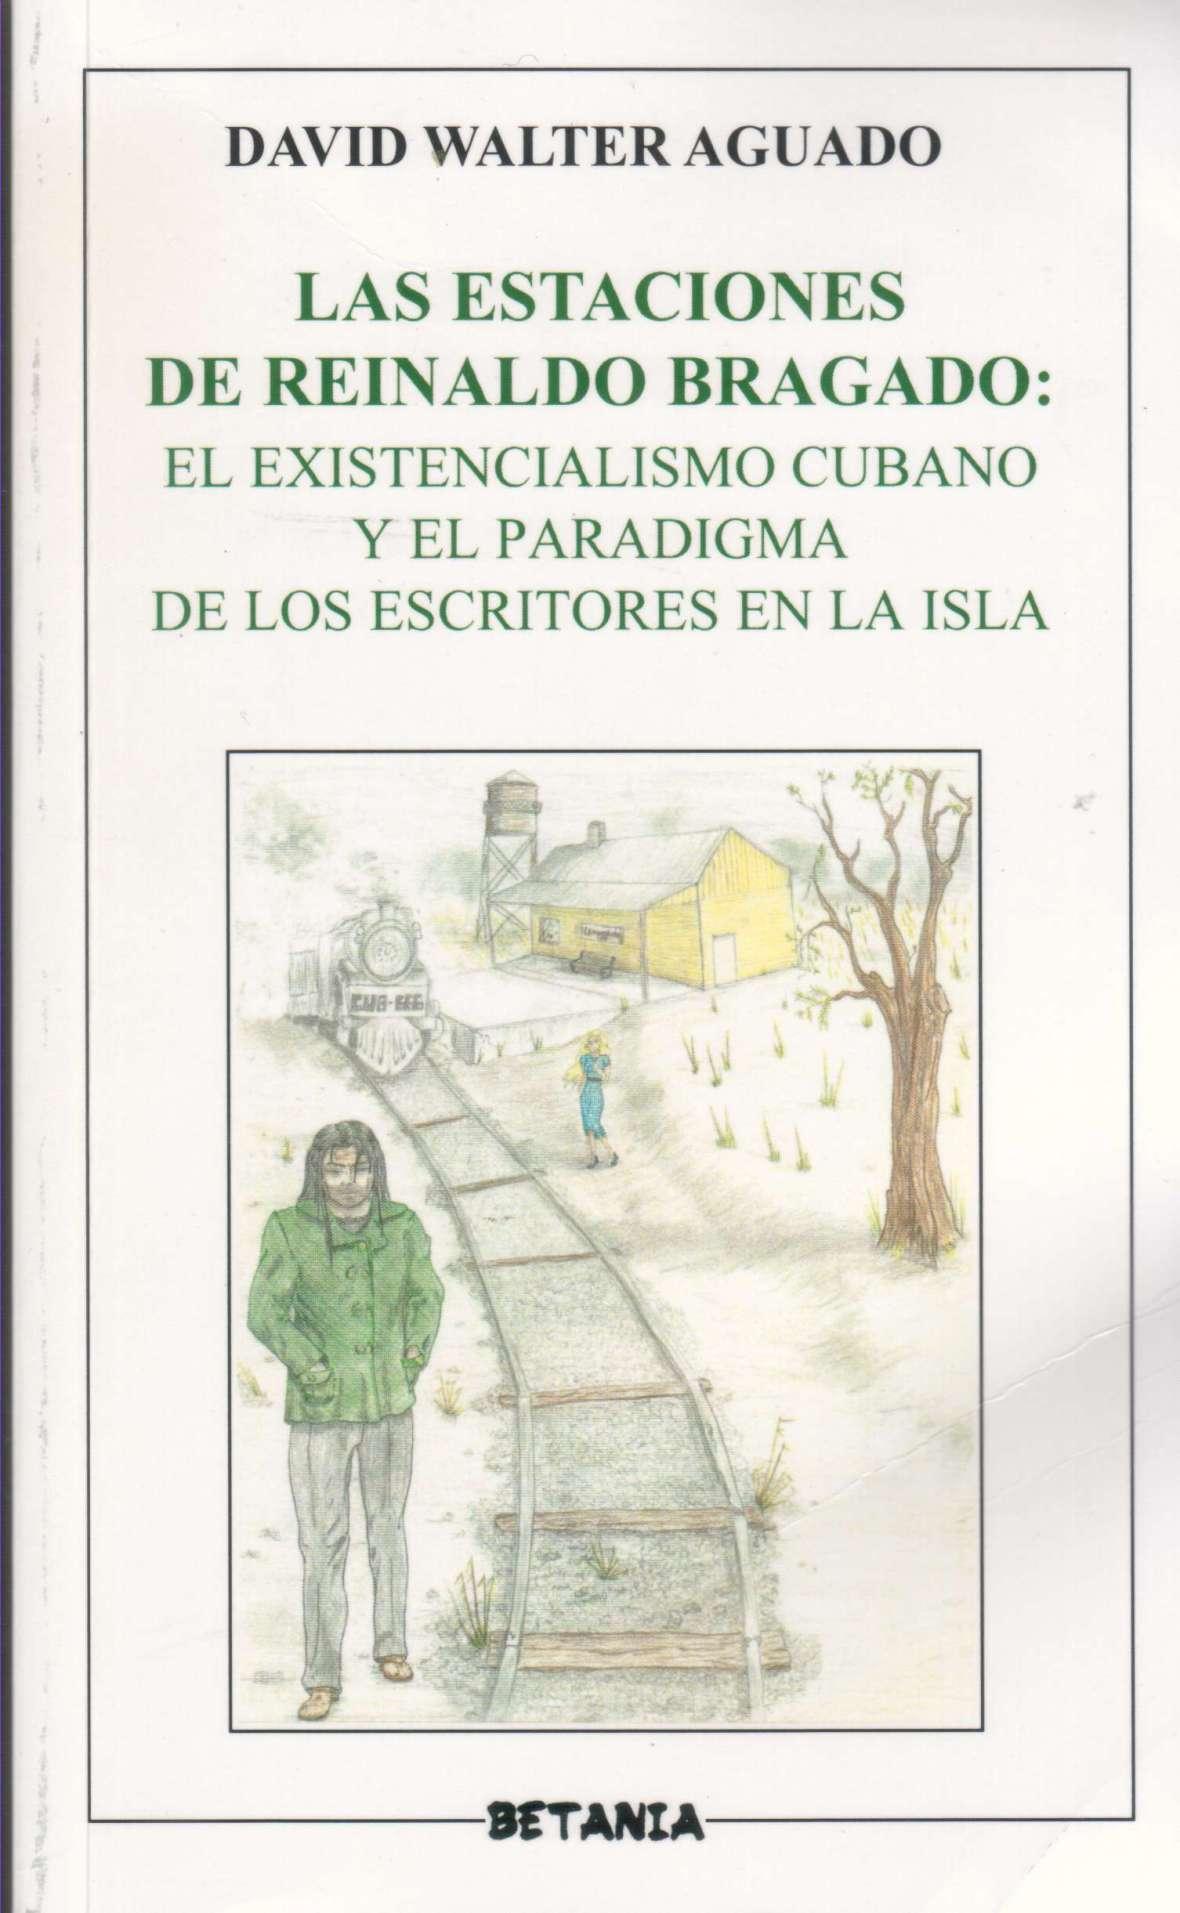 ReinaldoBragado